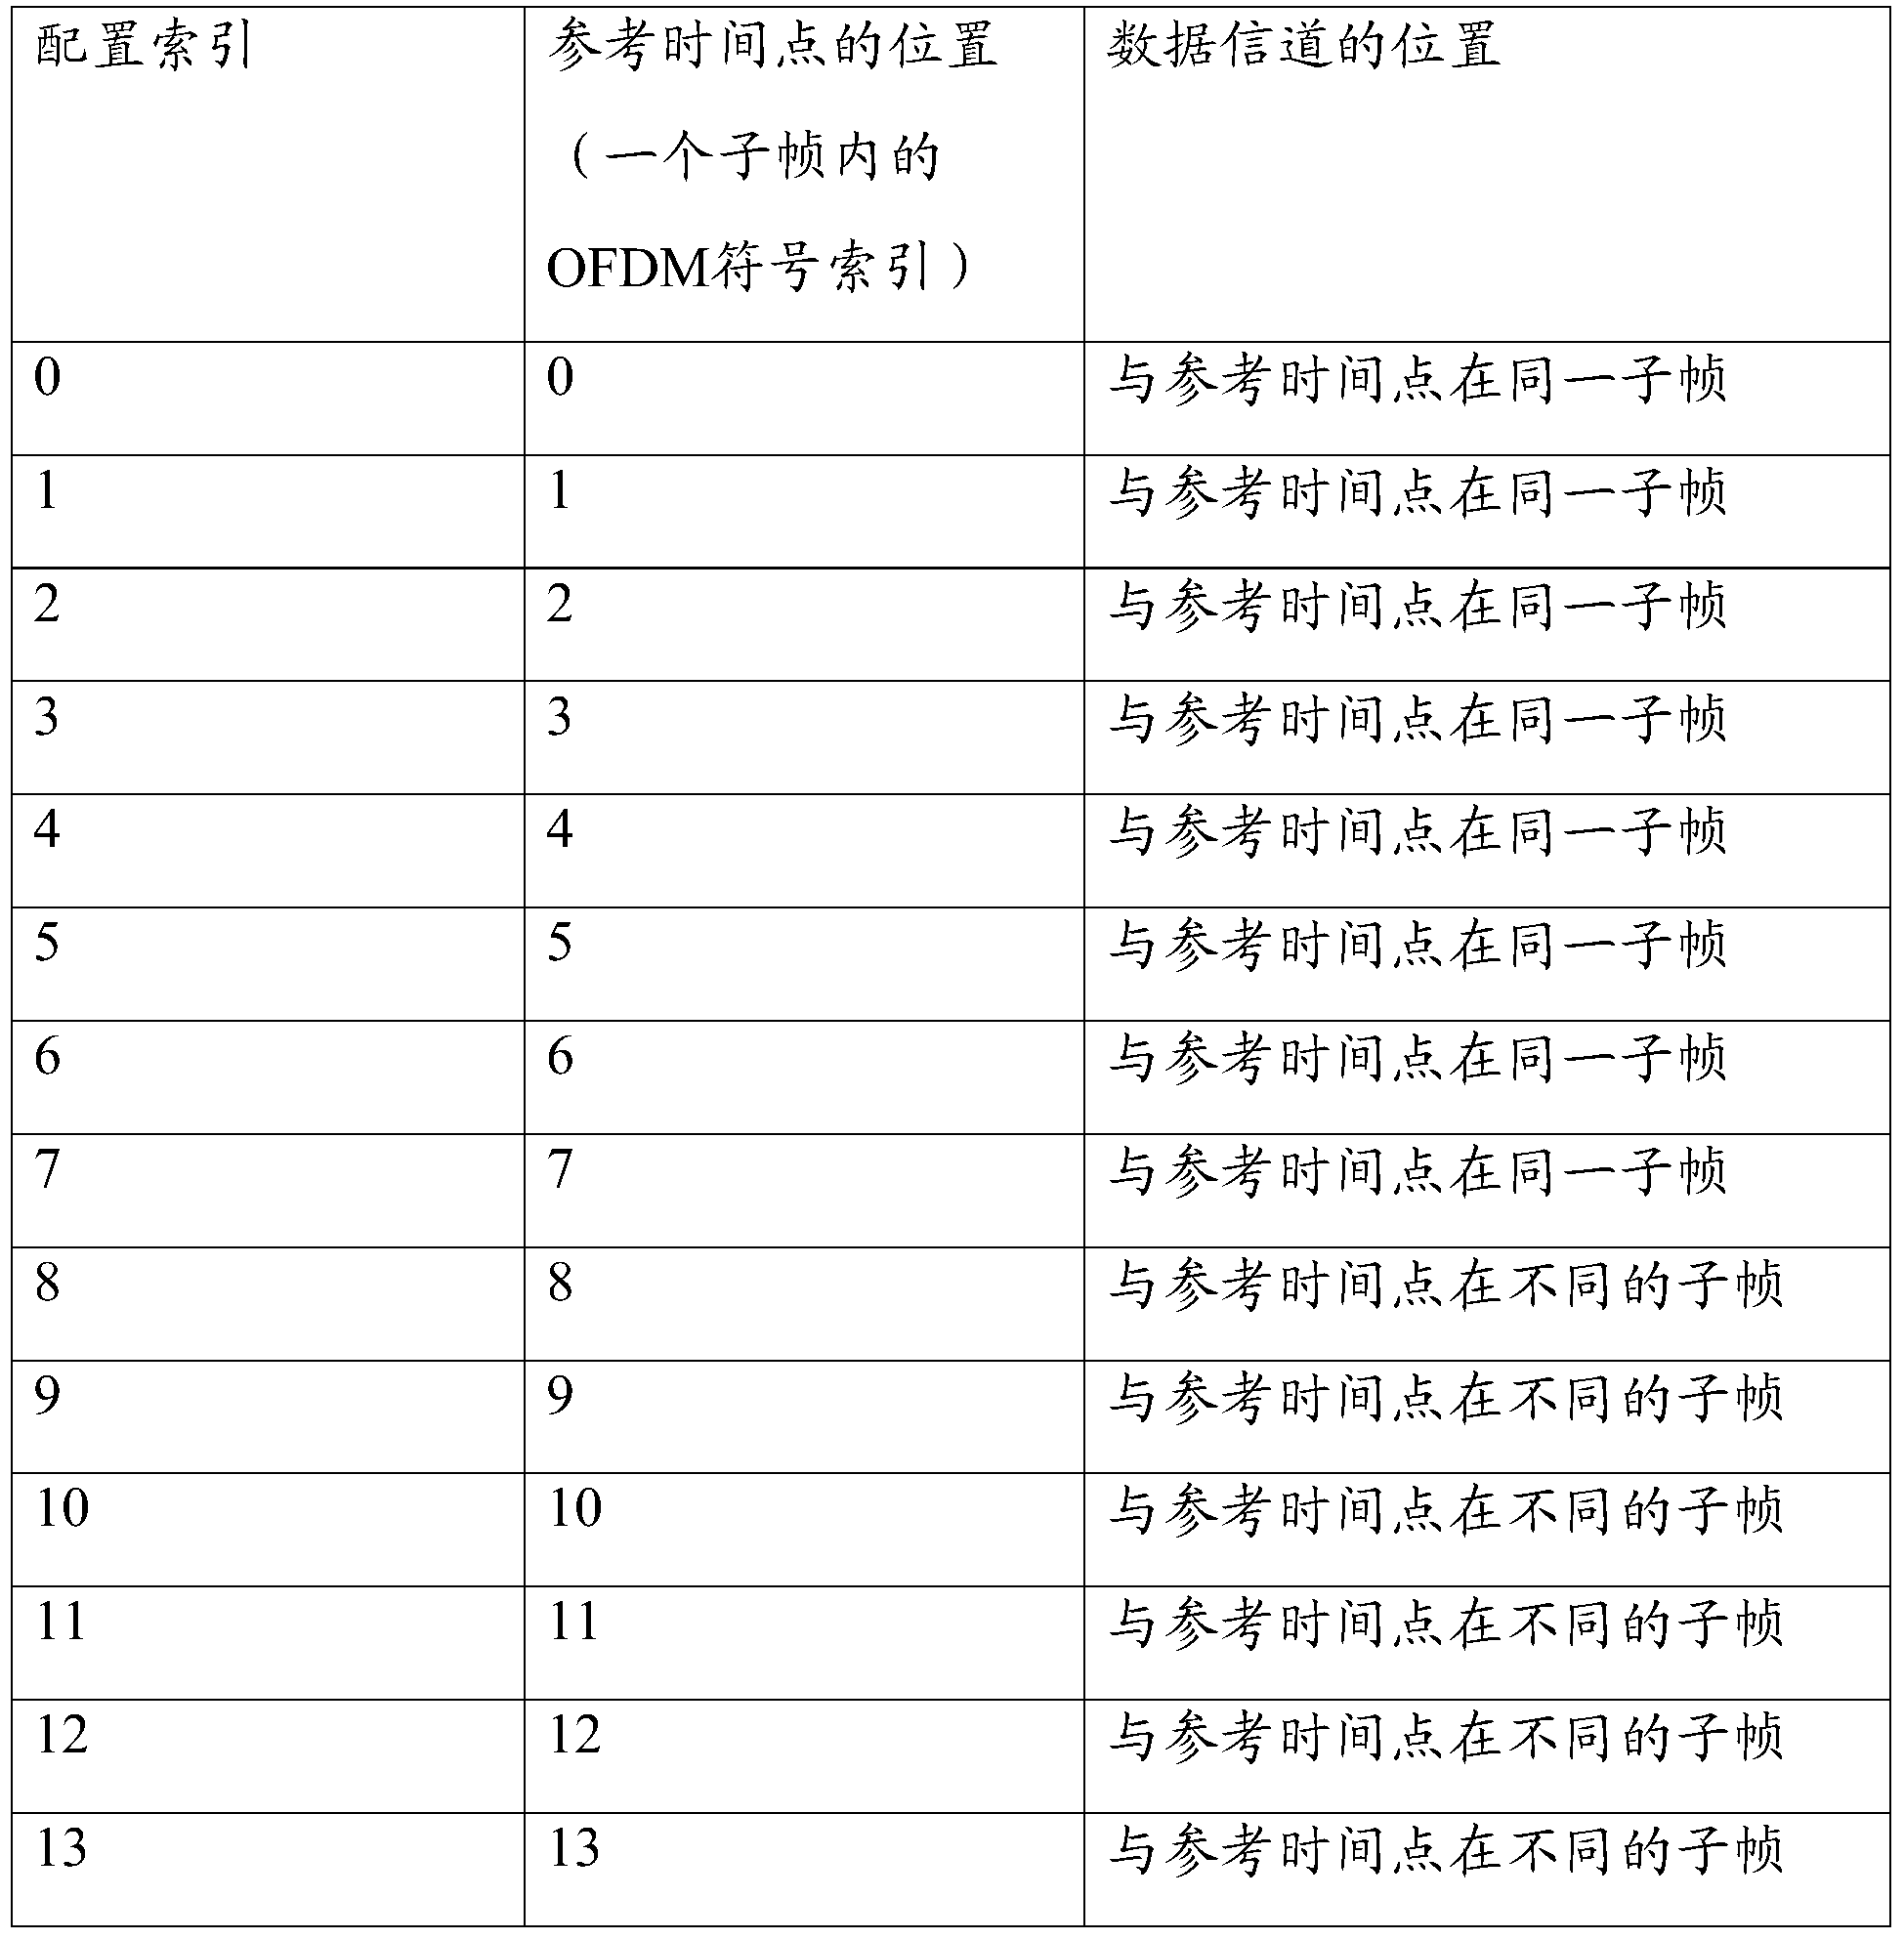 Figure PCTCN2014090655-appb-000012